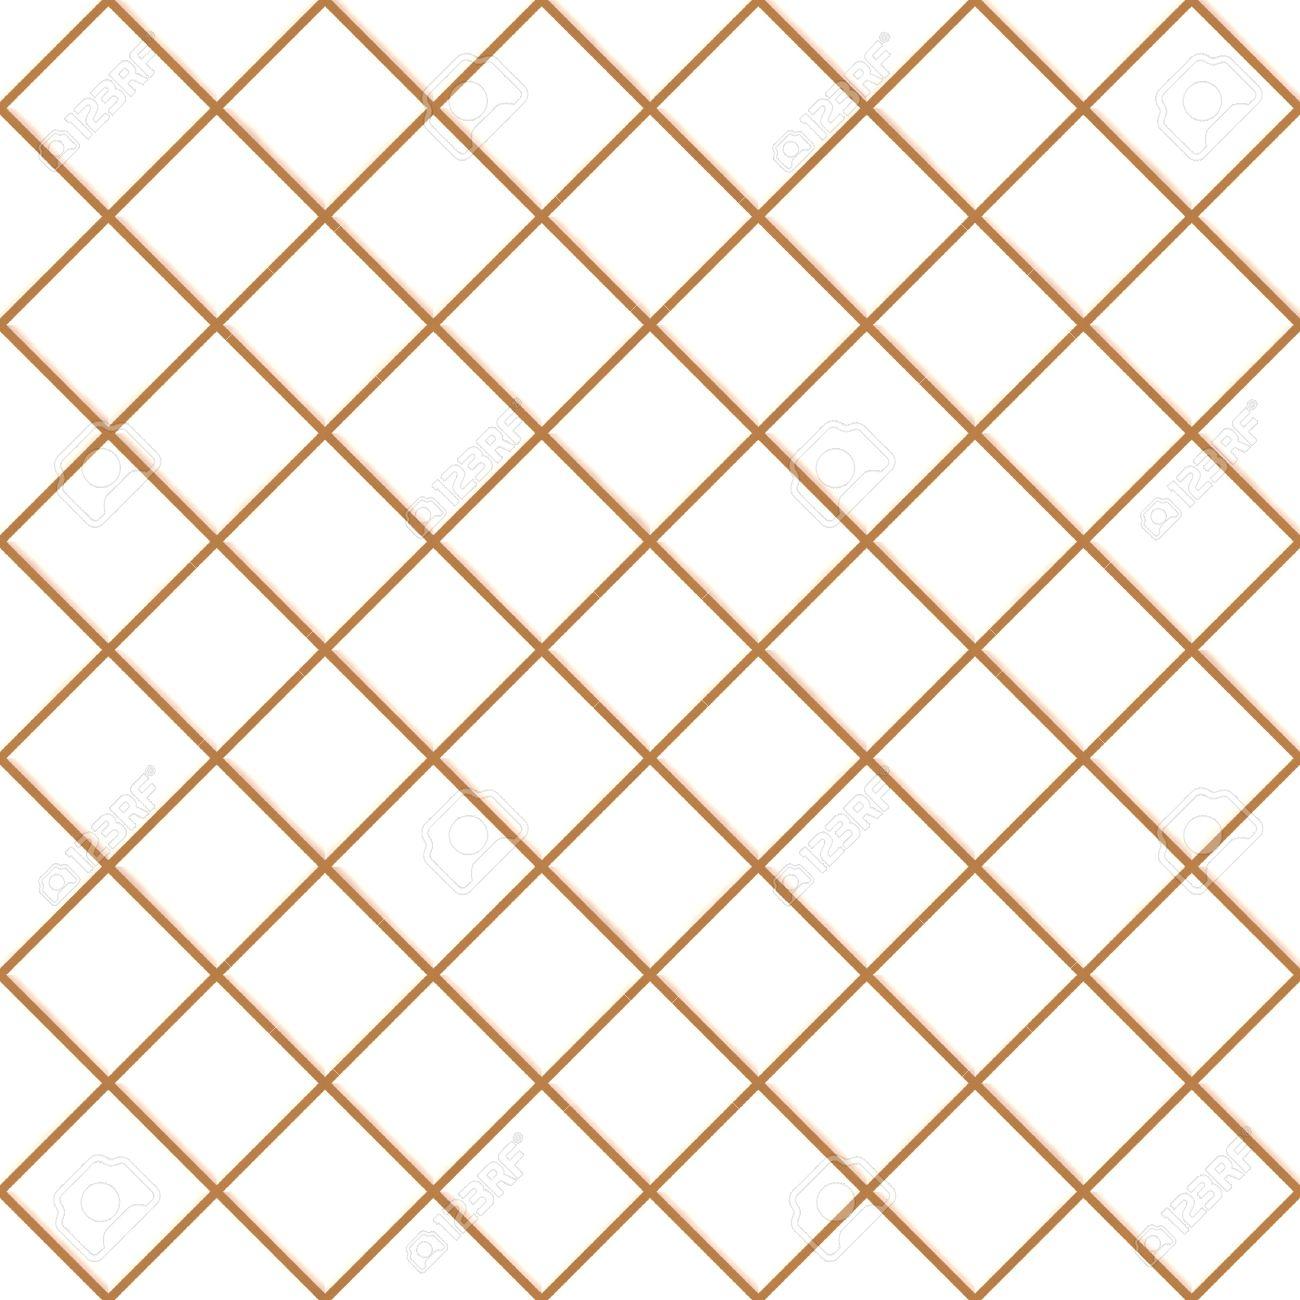 Bathroom White Tiles Texture Seamless Seamless White Tiles Texture